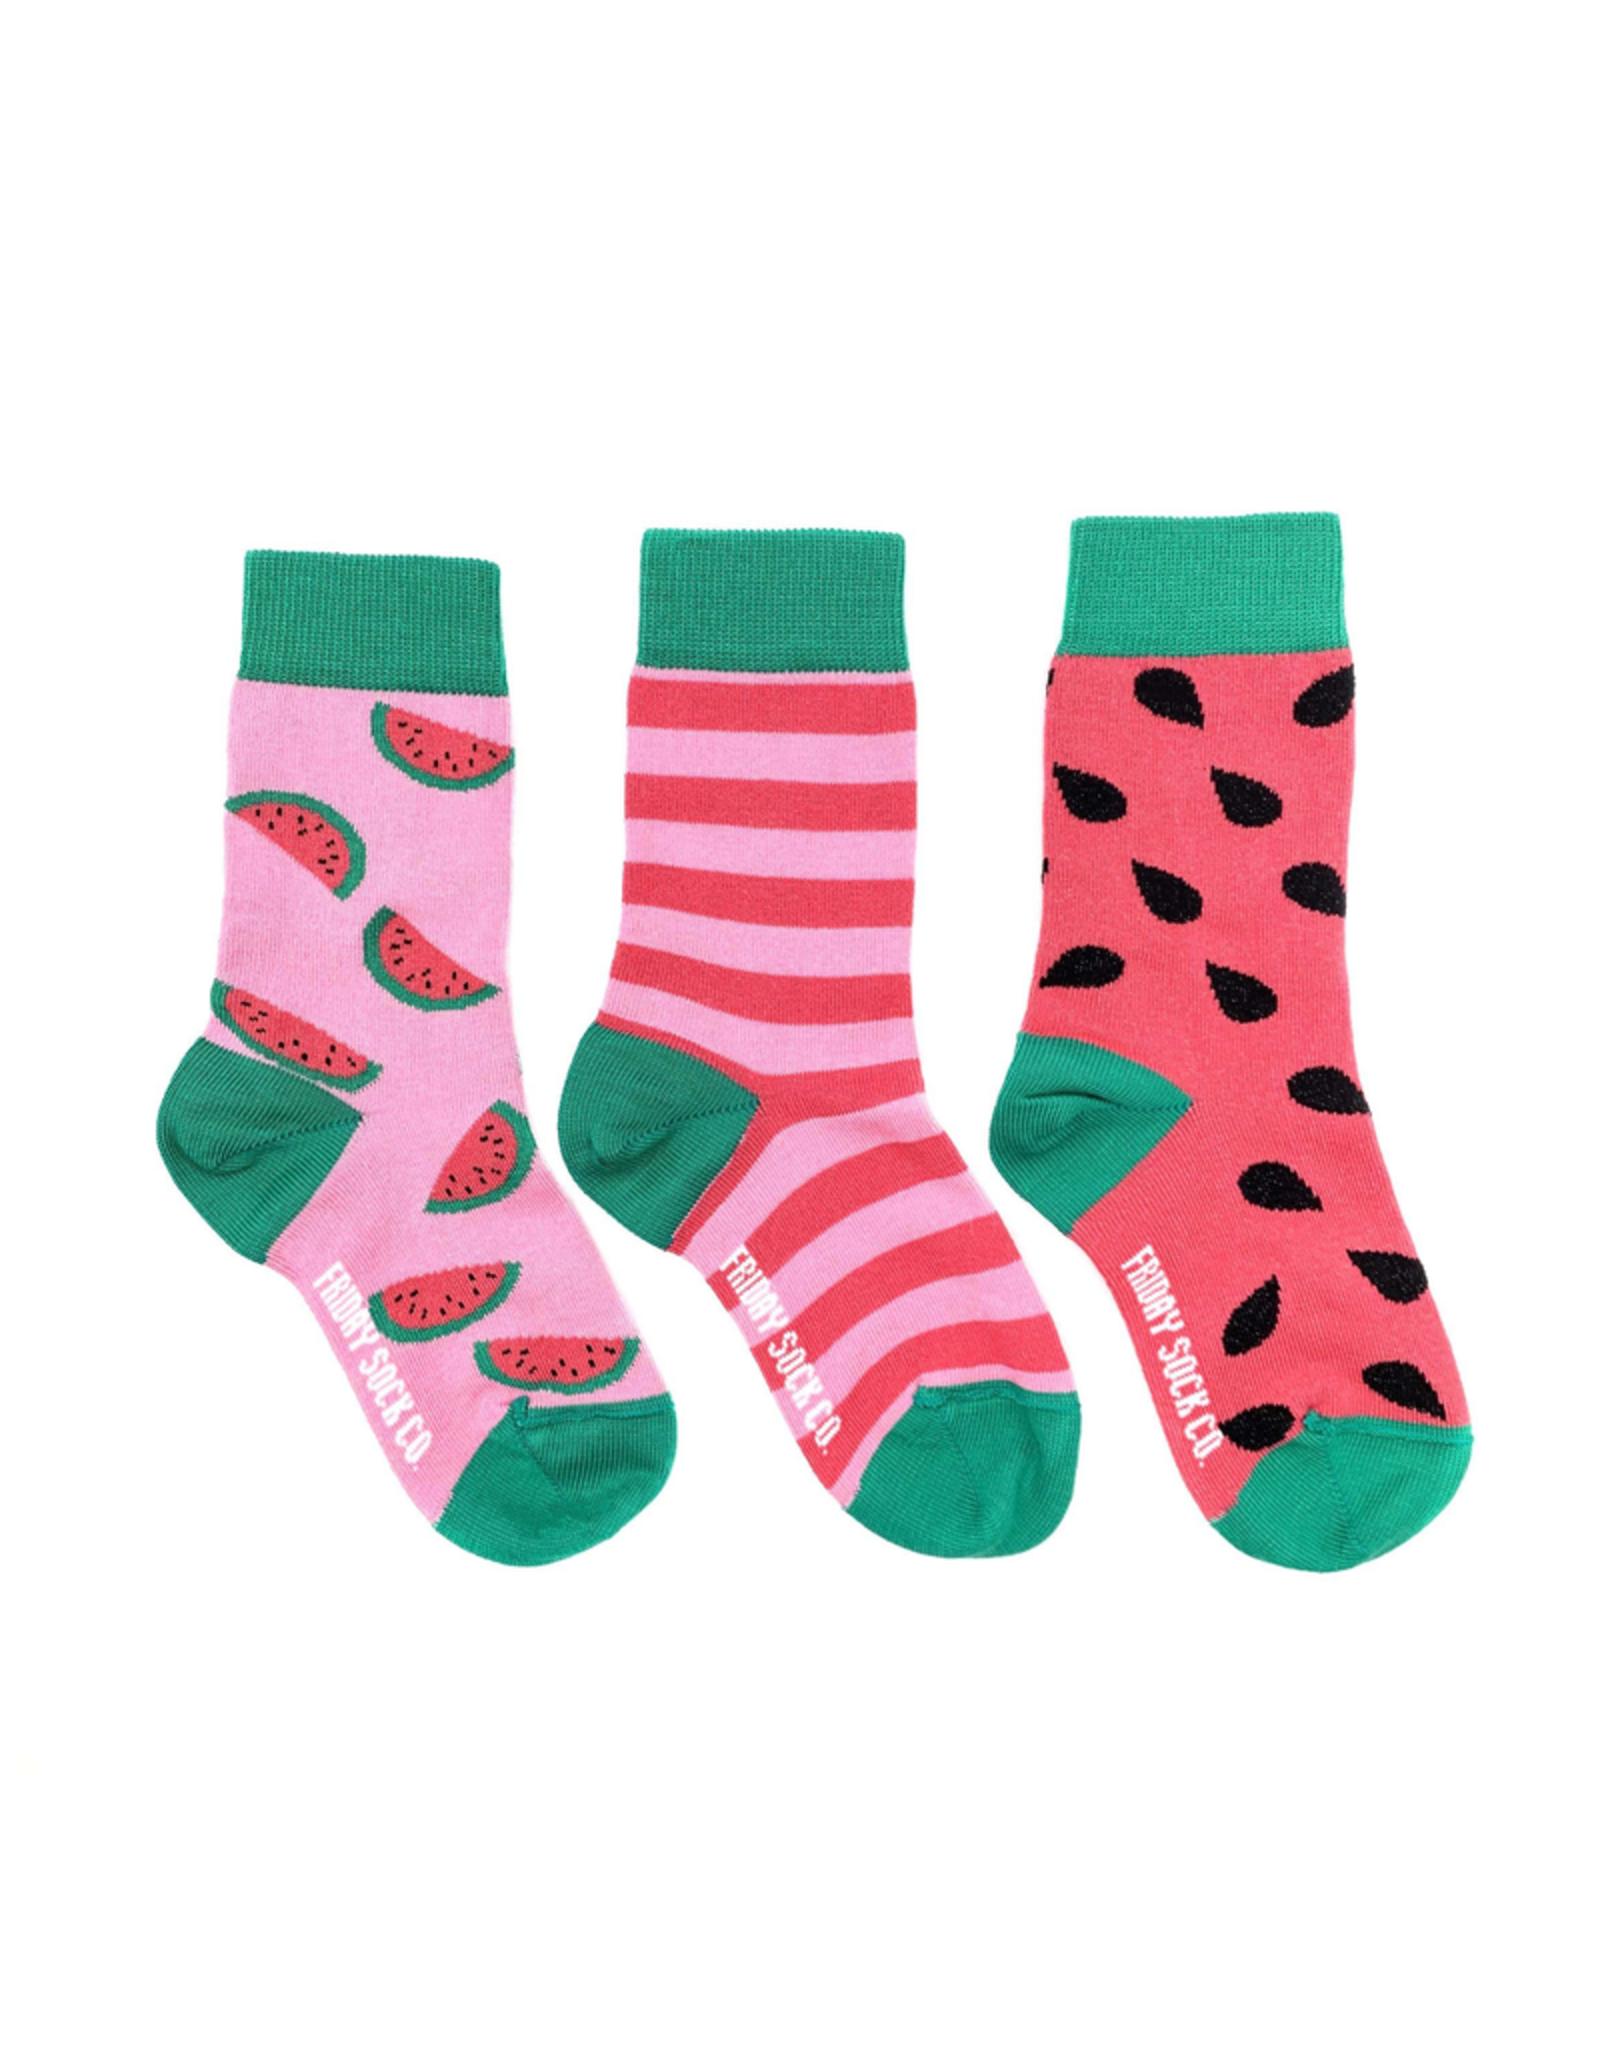 Watermelon Kids Socks-Age 2-4